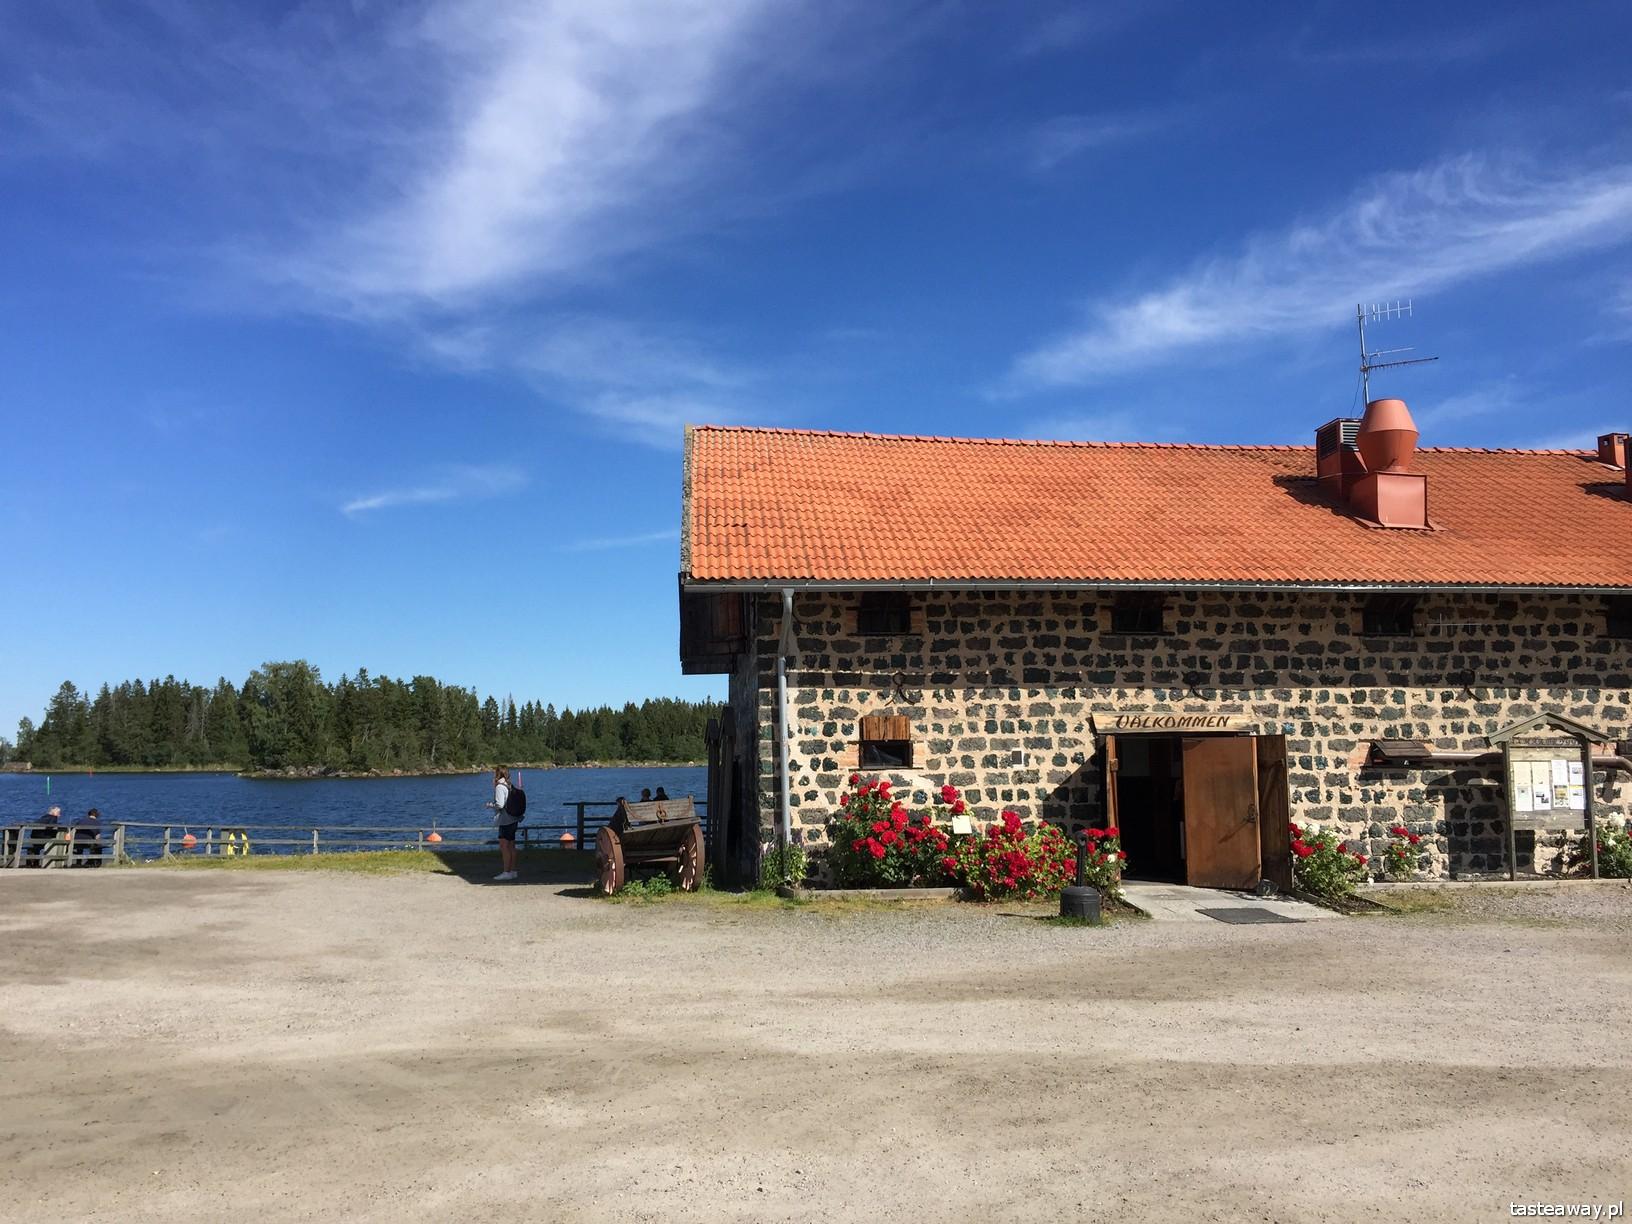 kamperem do Norwegii, kamper, Norwega, Sigutuna, co zobaczyć w Szwecji, kamperem po Szwecji, Axmarbrygga